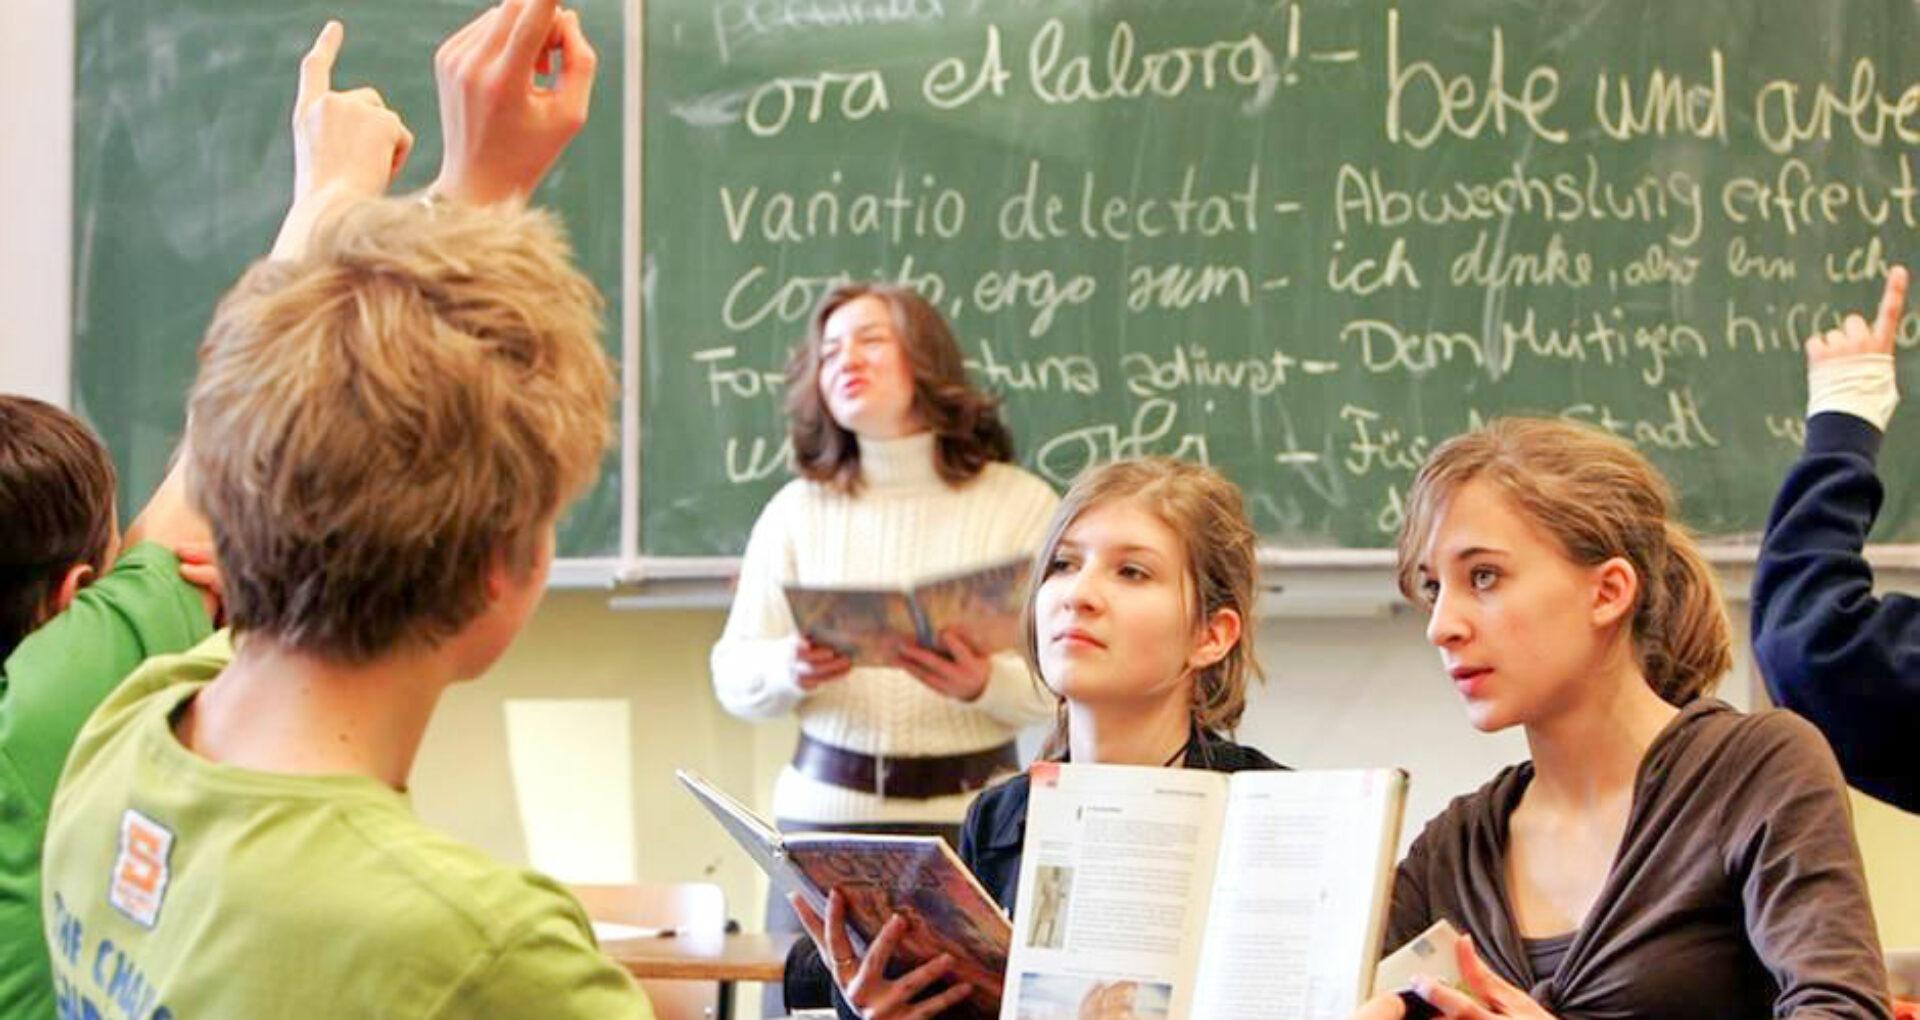 În România, școlile ar putea rămâne închise și la toamnă. Guvernul de la București a anunțat că pregătește logistica pentru această situație